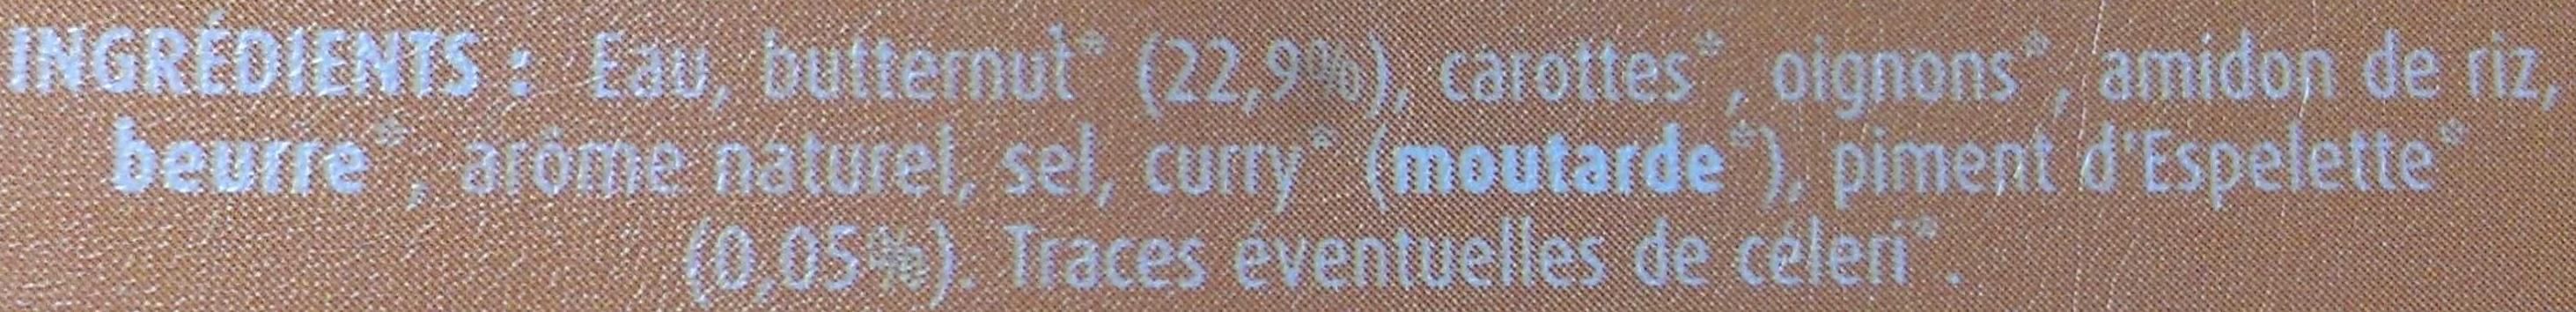 Butternut & Piment d'Espelette - Ingrediënten - fr